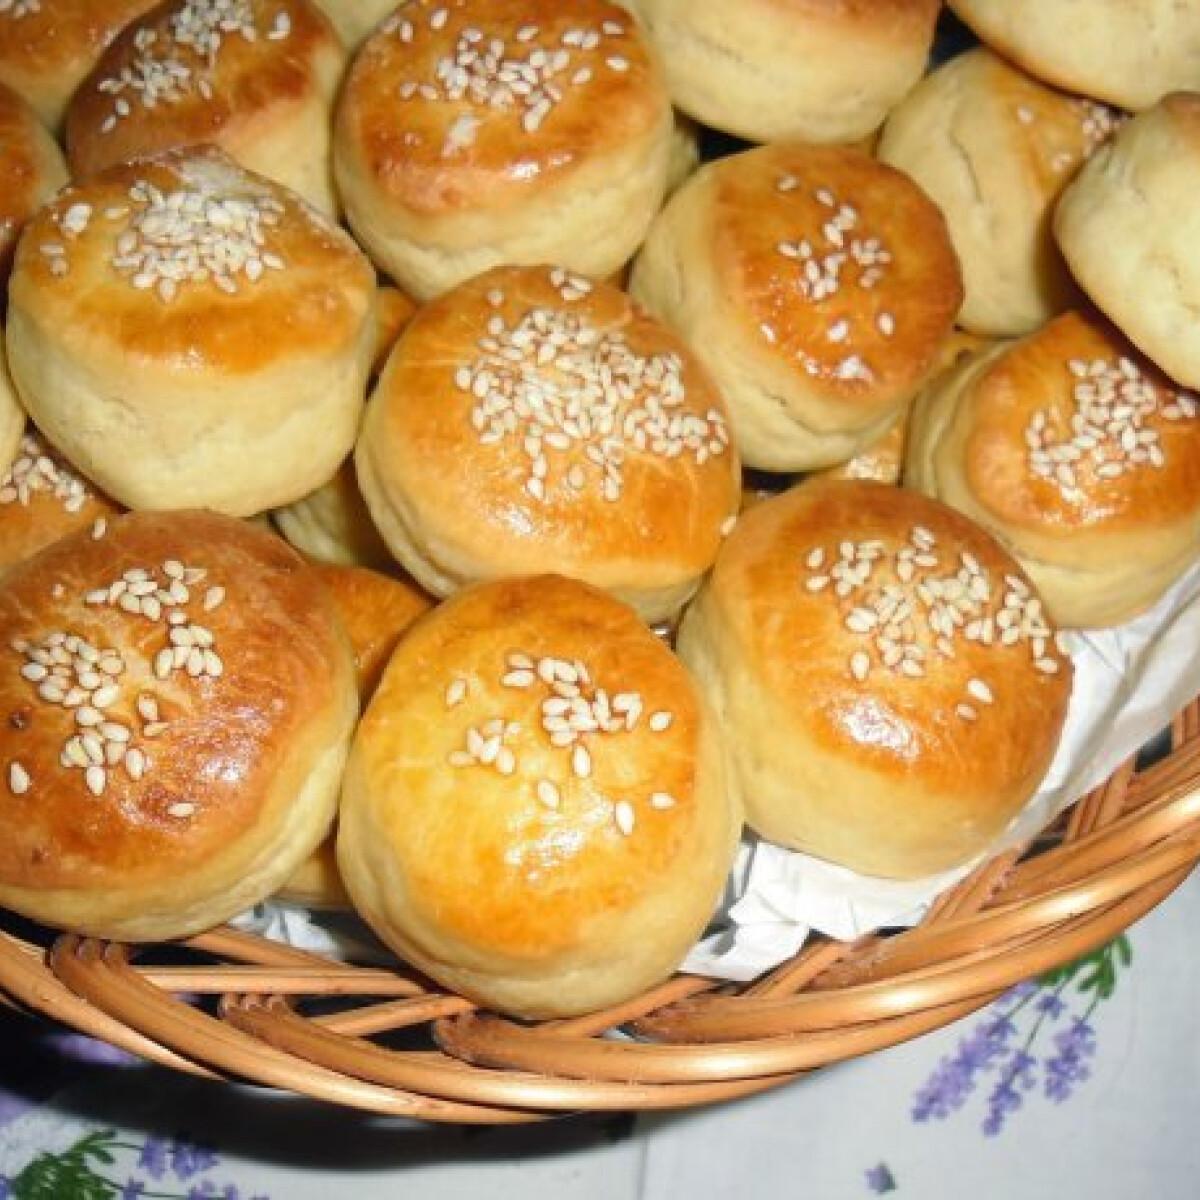 Burgonyás-vajas pogácsa Mandulától